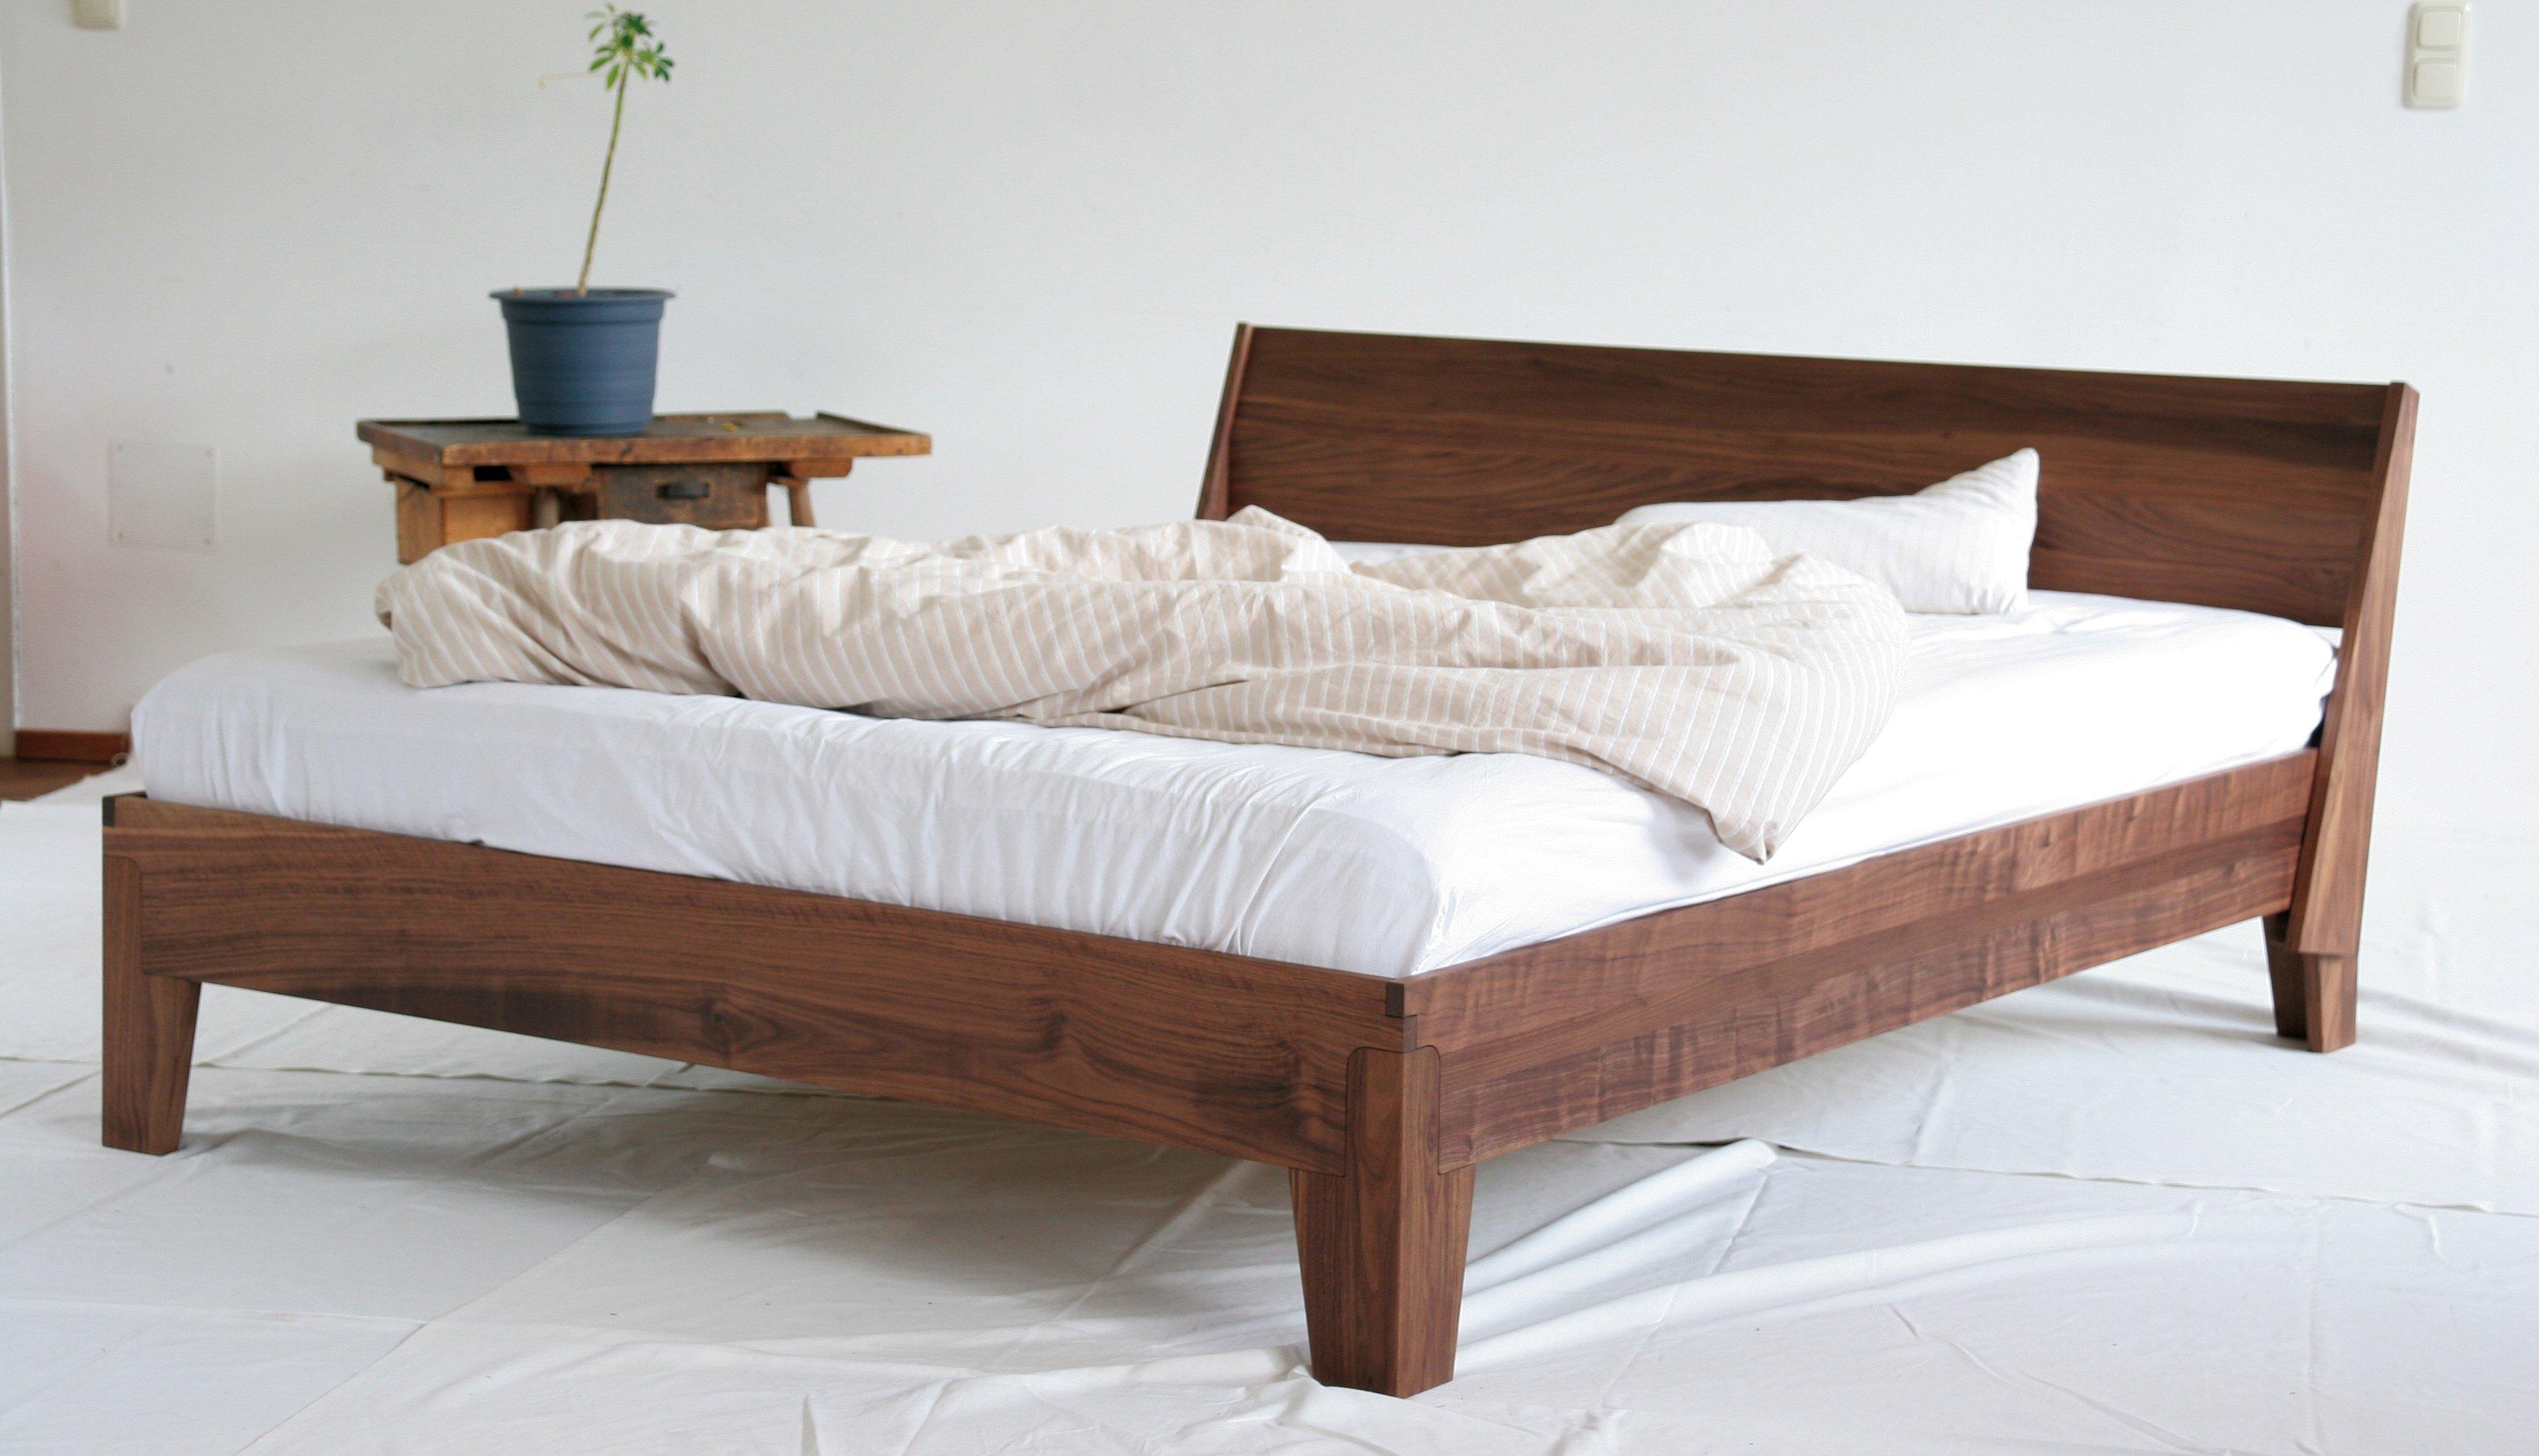 Verzauberkunst Bett Mit Lehne Dekoration Von